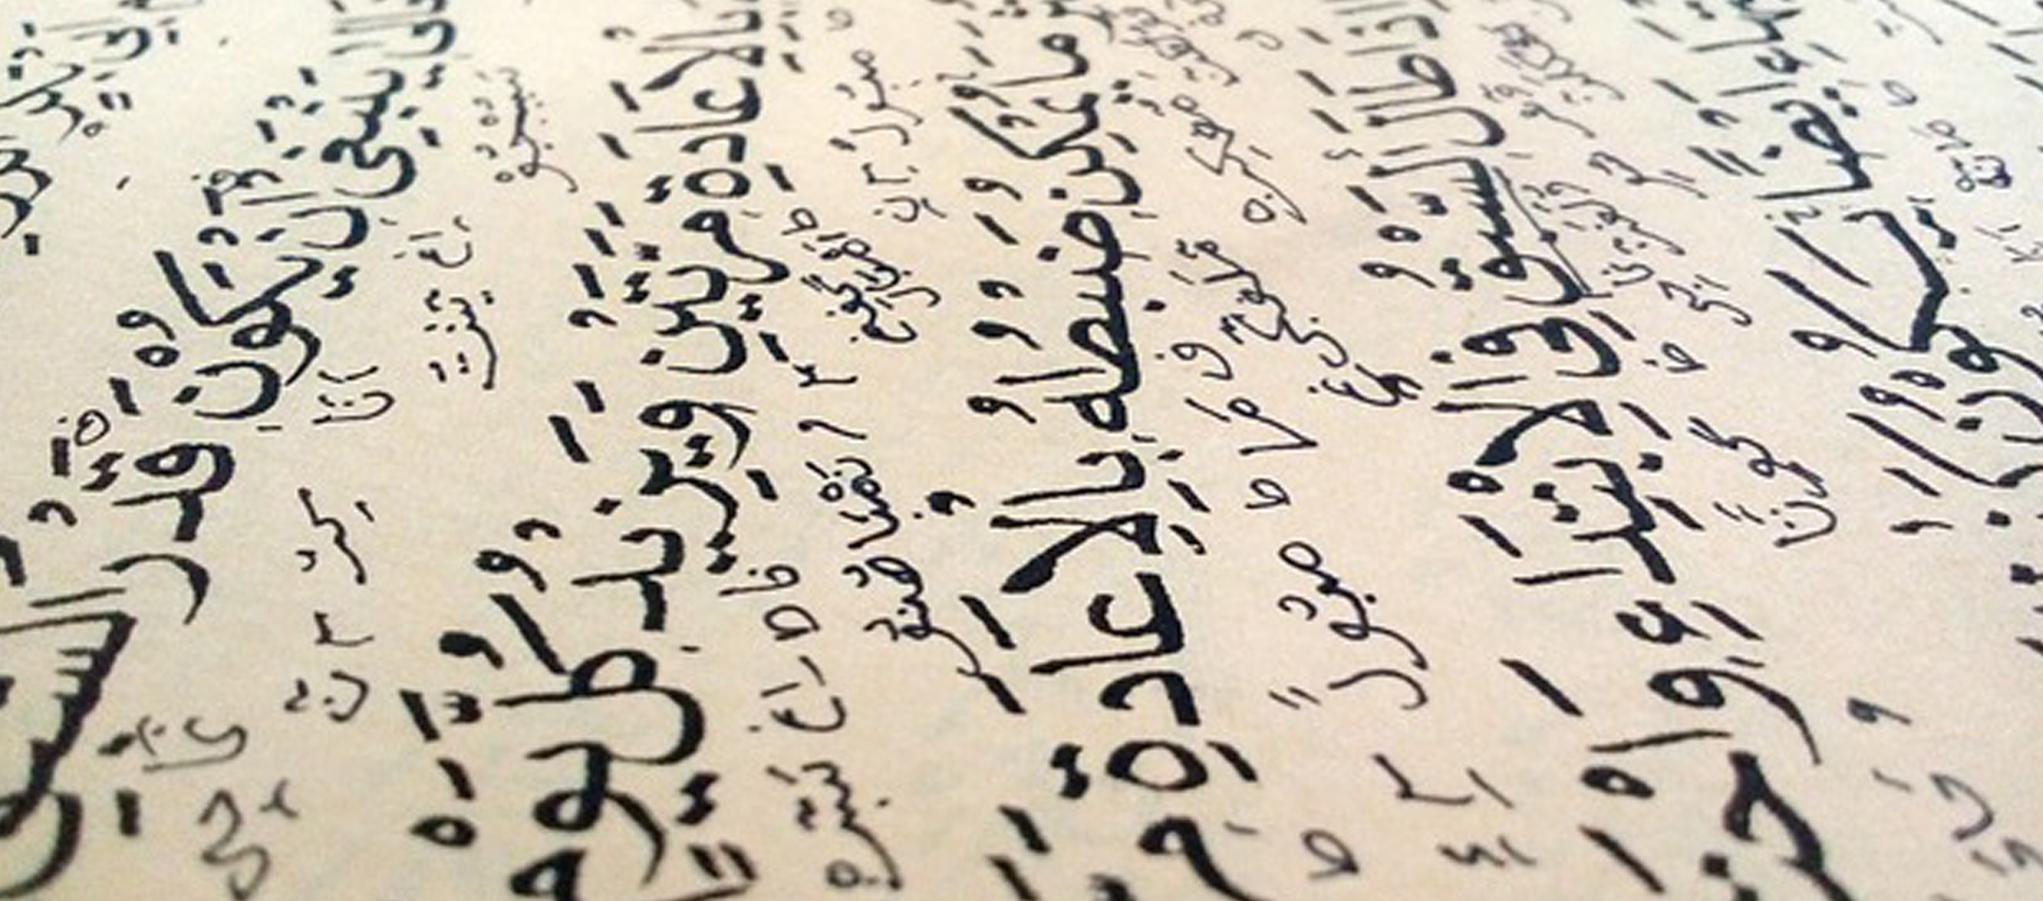 13كلمة انكليزية اصلها من اللغة العربية